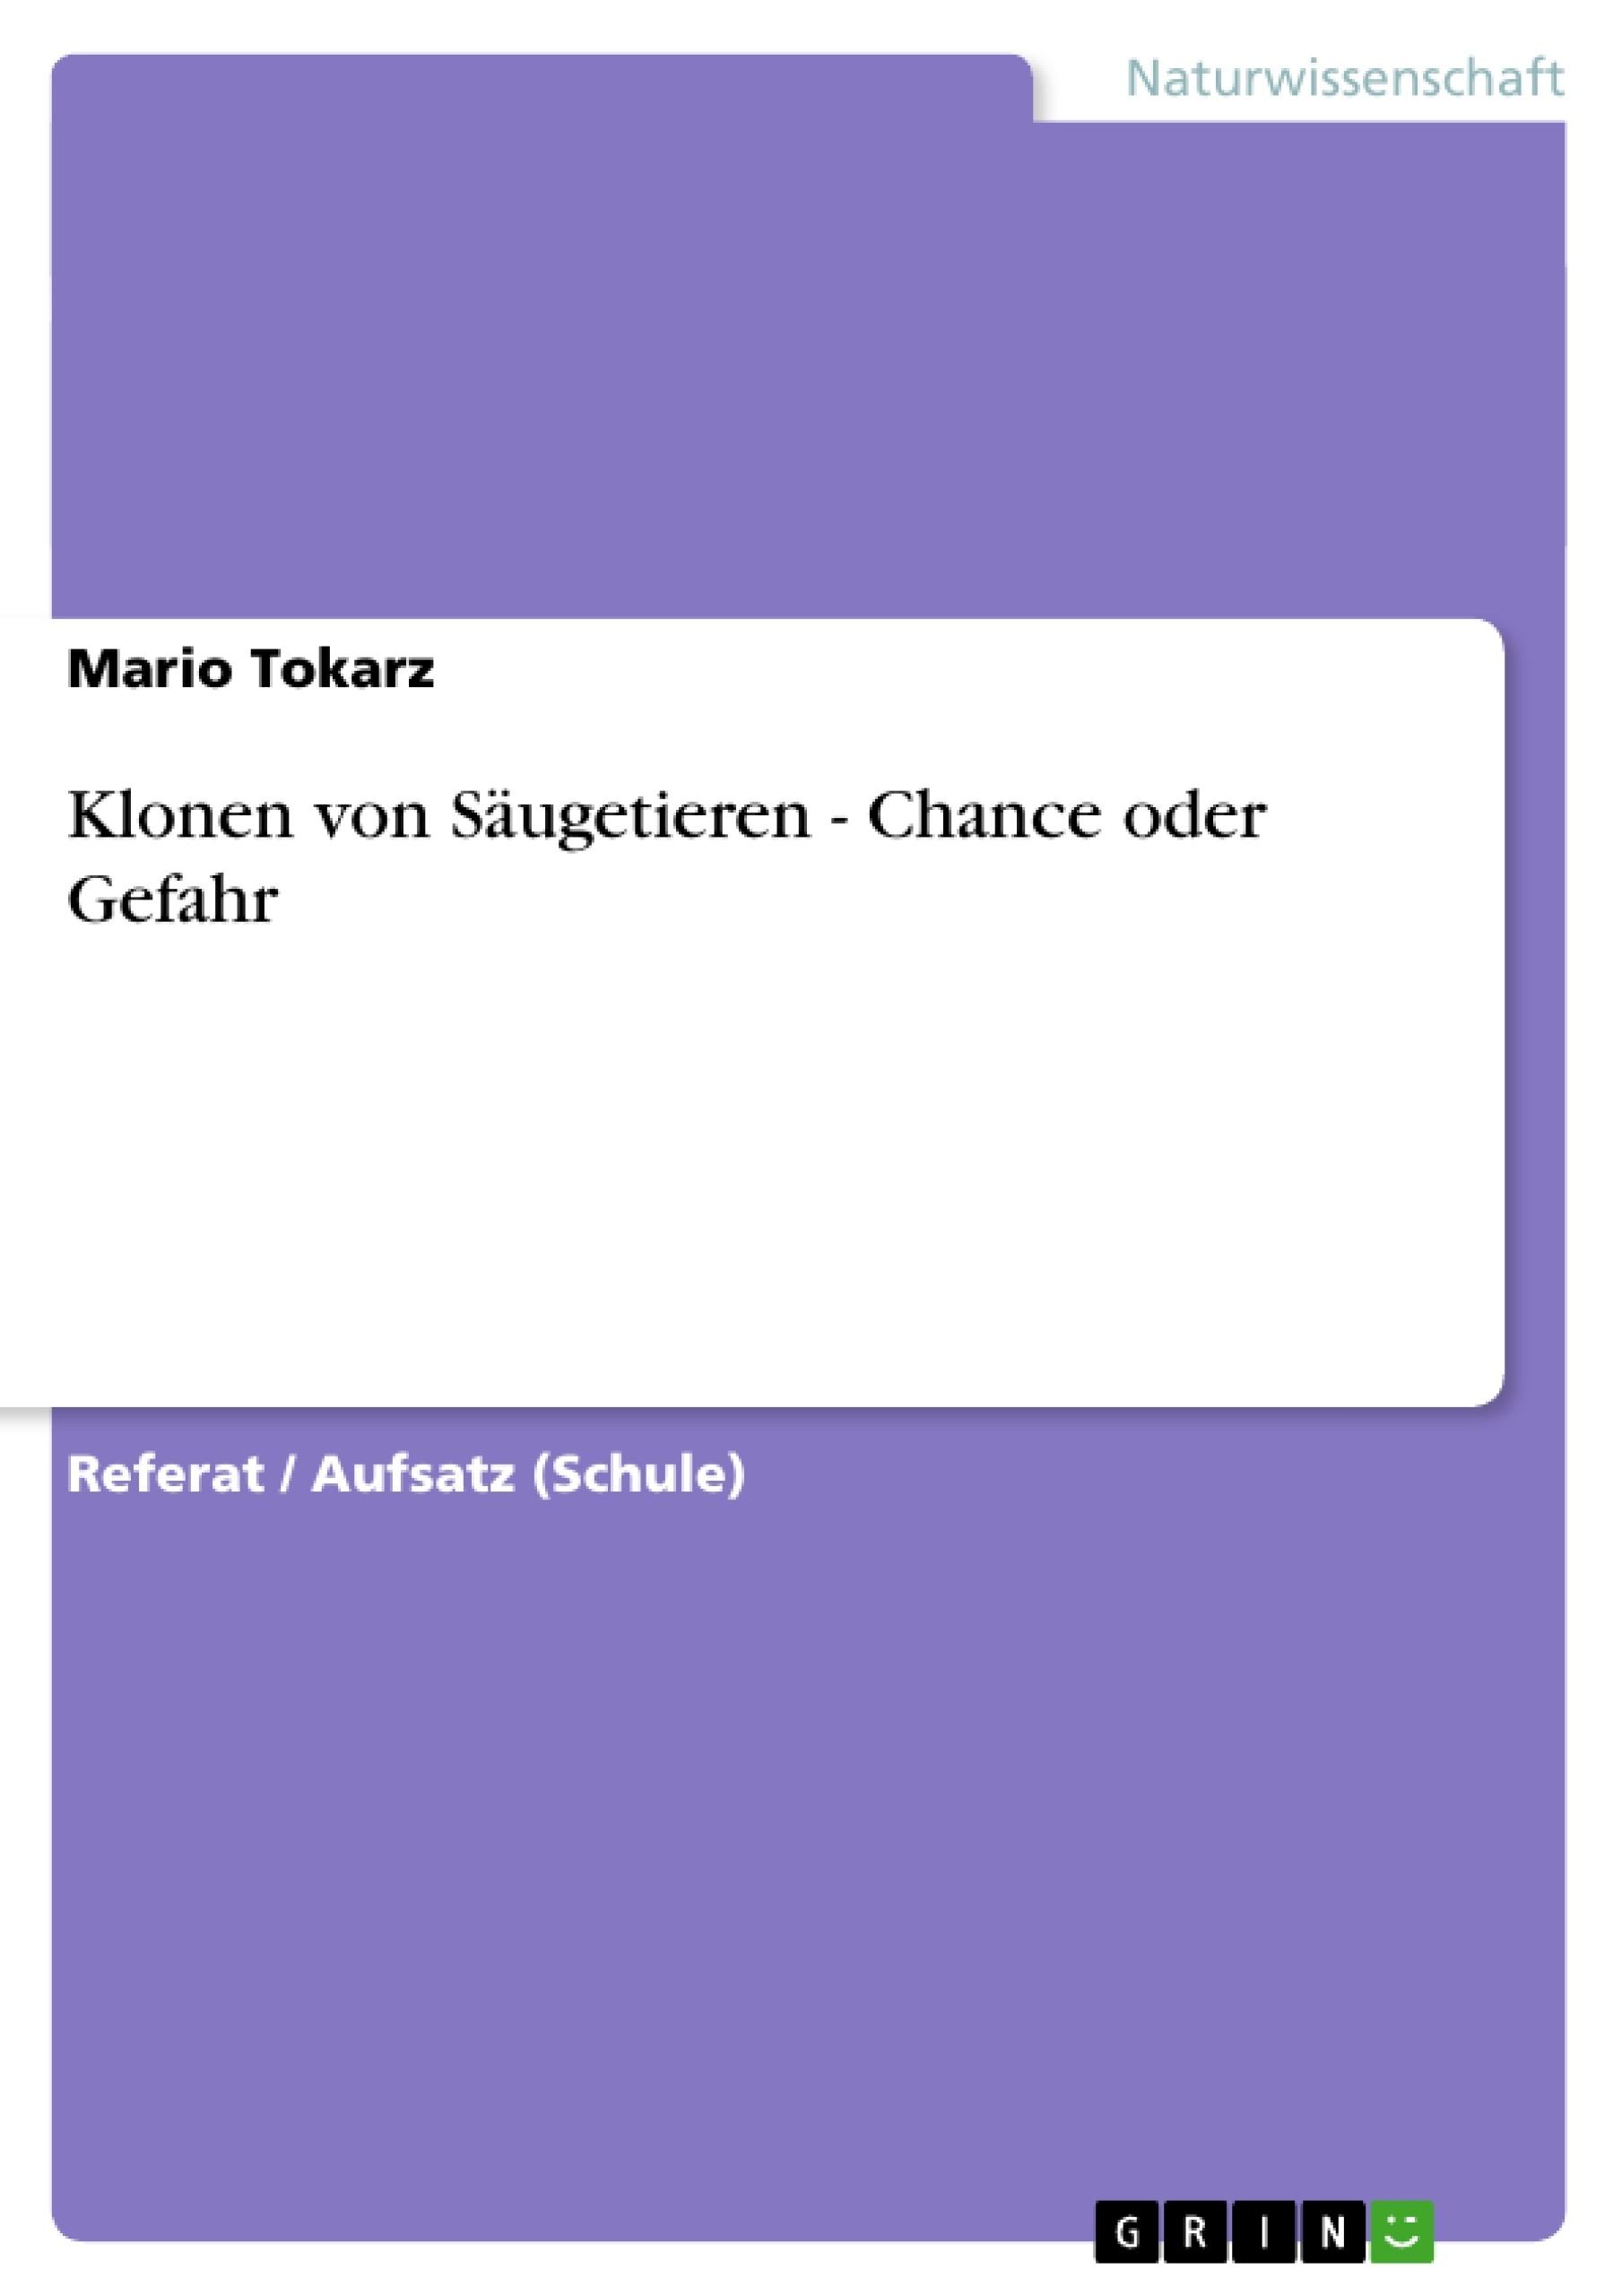 Titel: Klonen von Säugetieren - Chance oder Gefahr